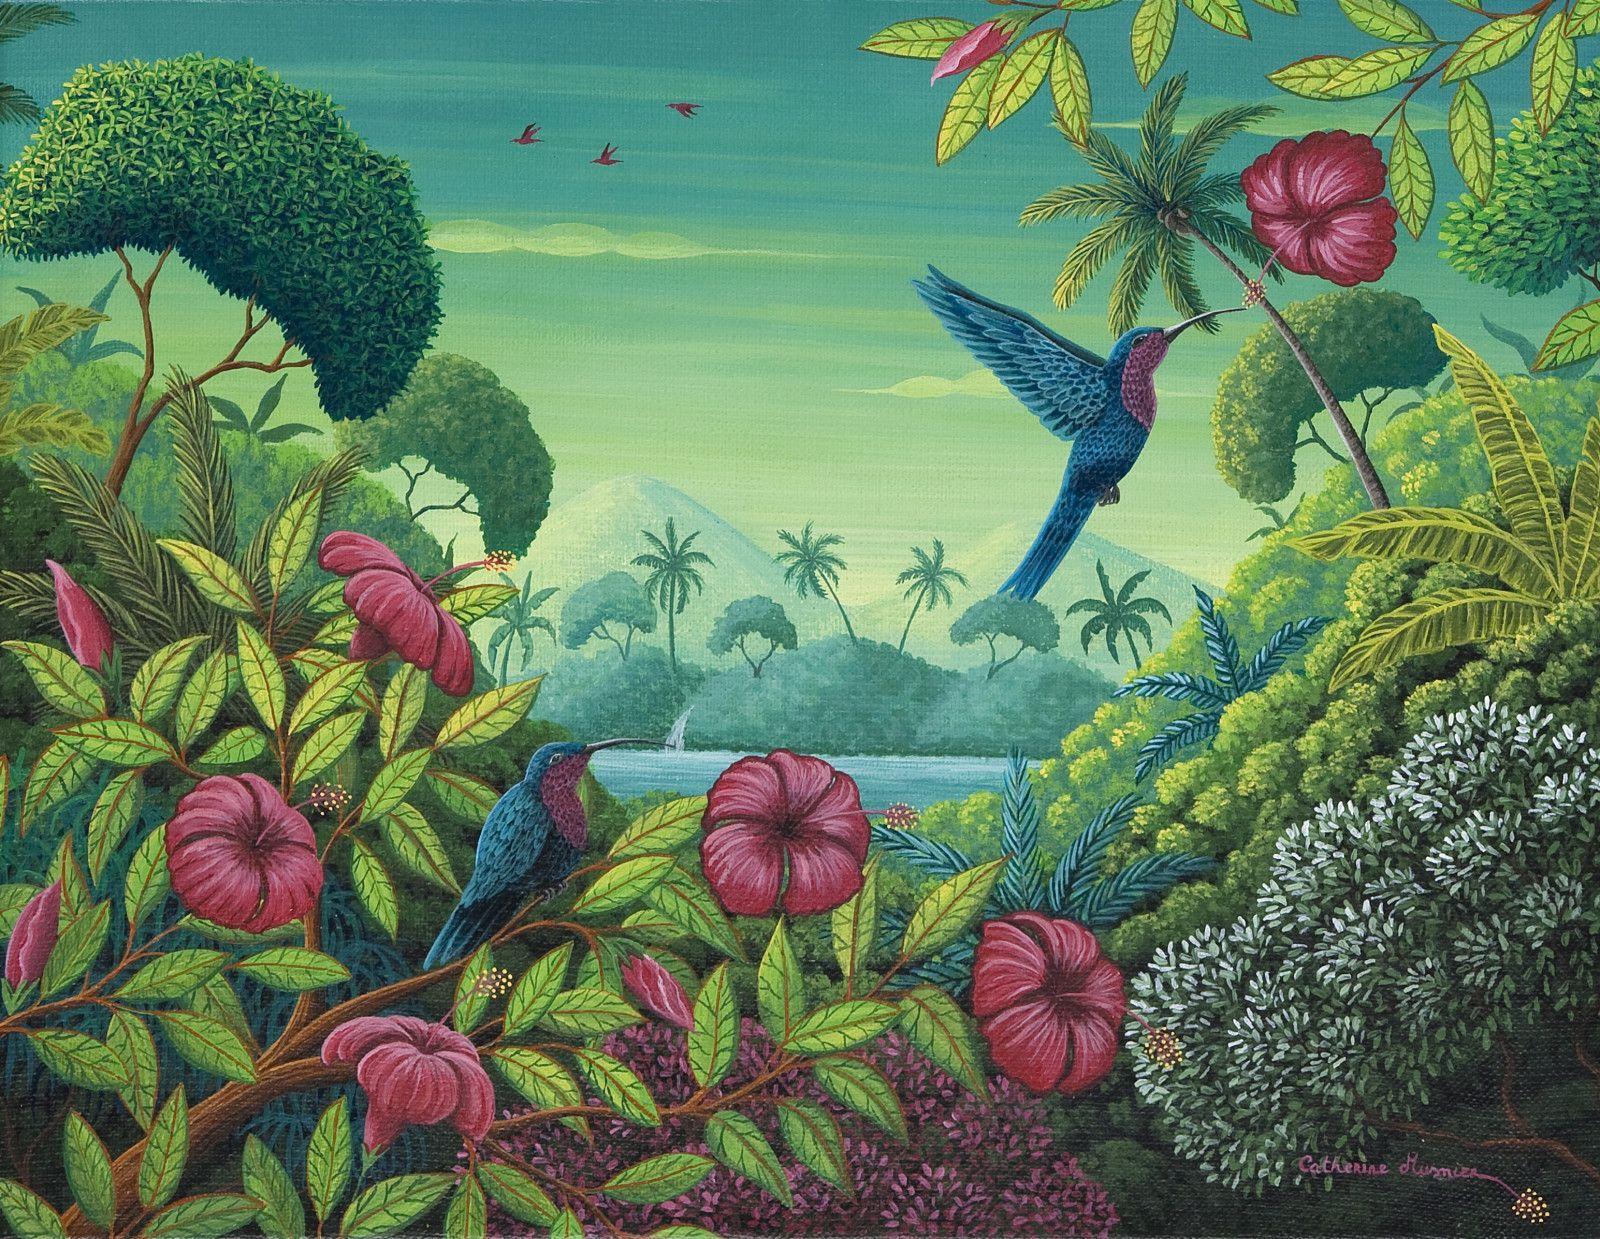 Jolis Petits Colibris 35 X 27 Cm C Catherine Musnier Art